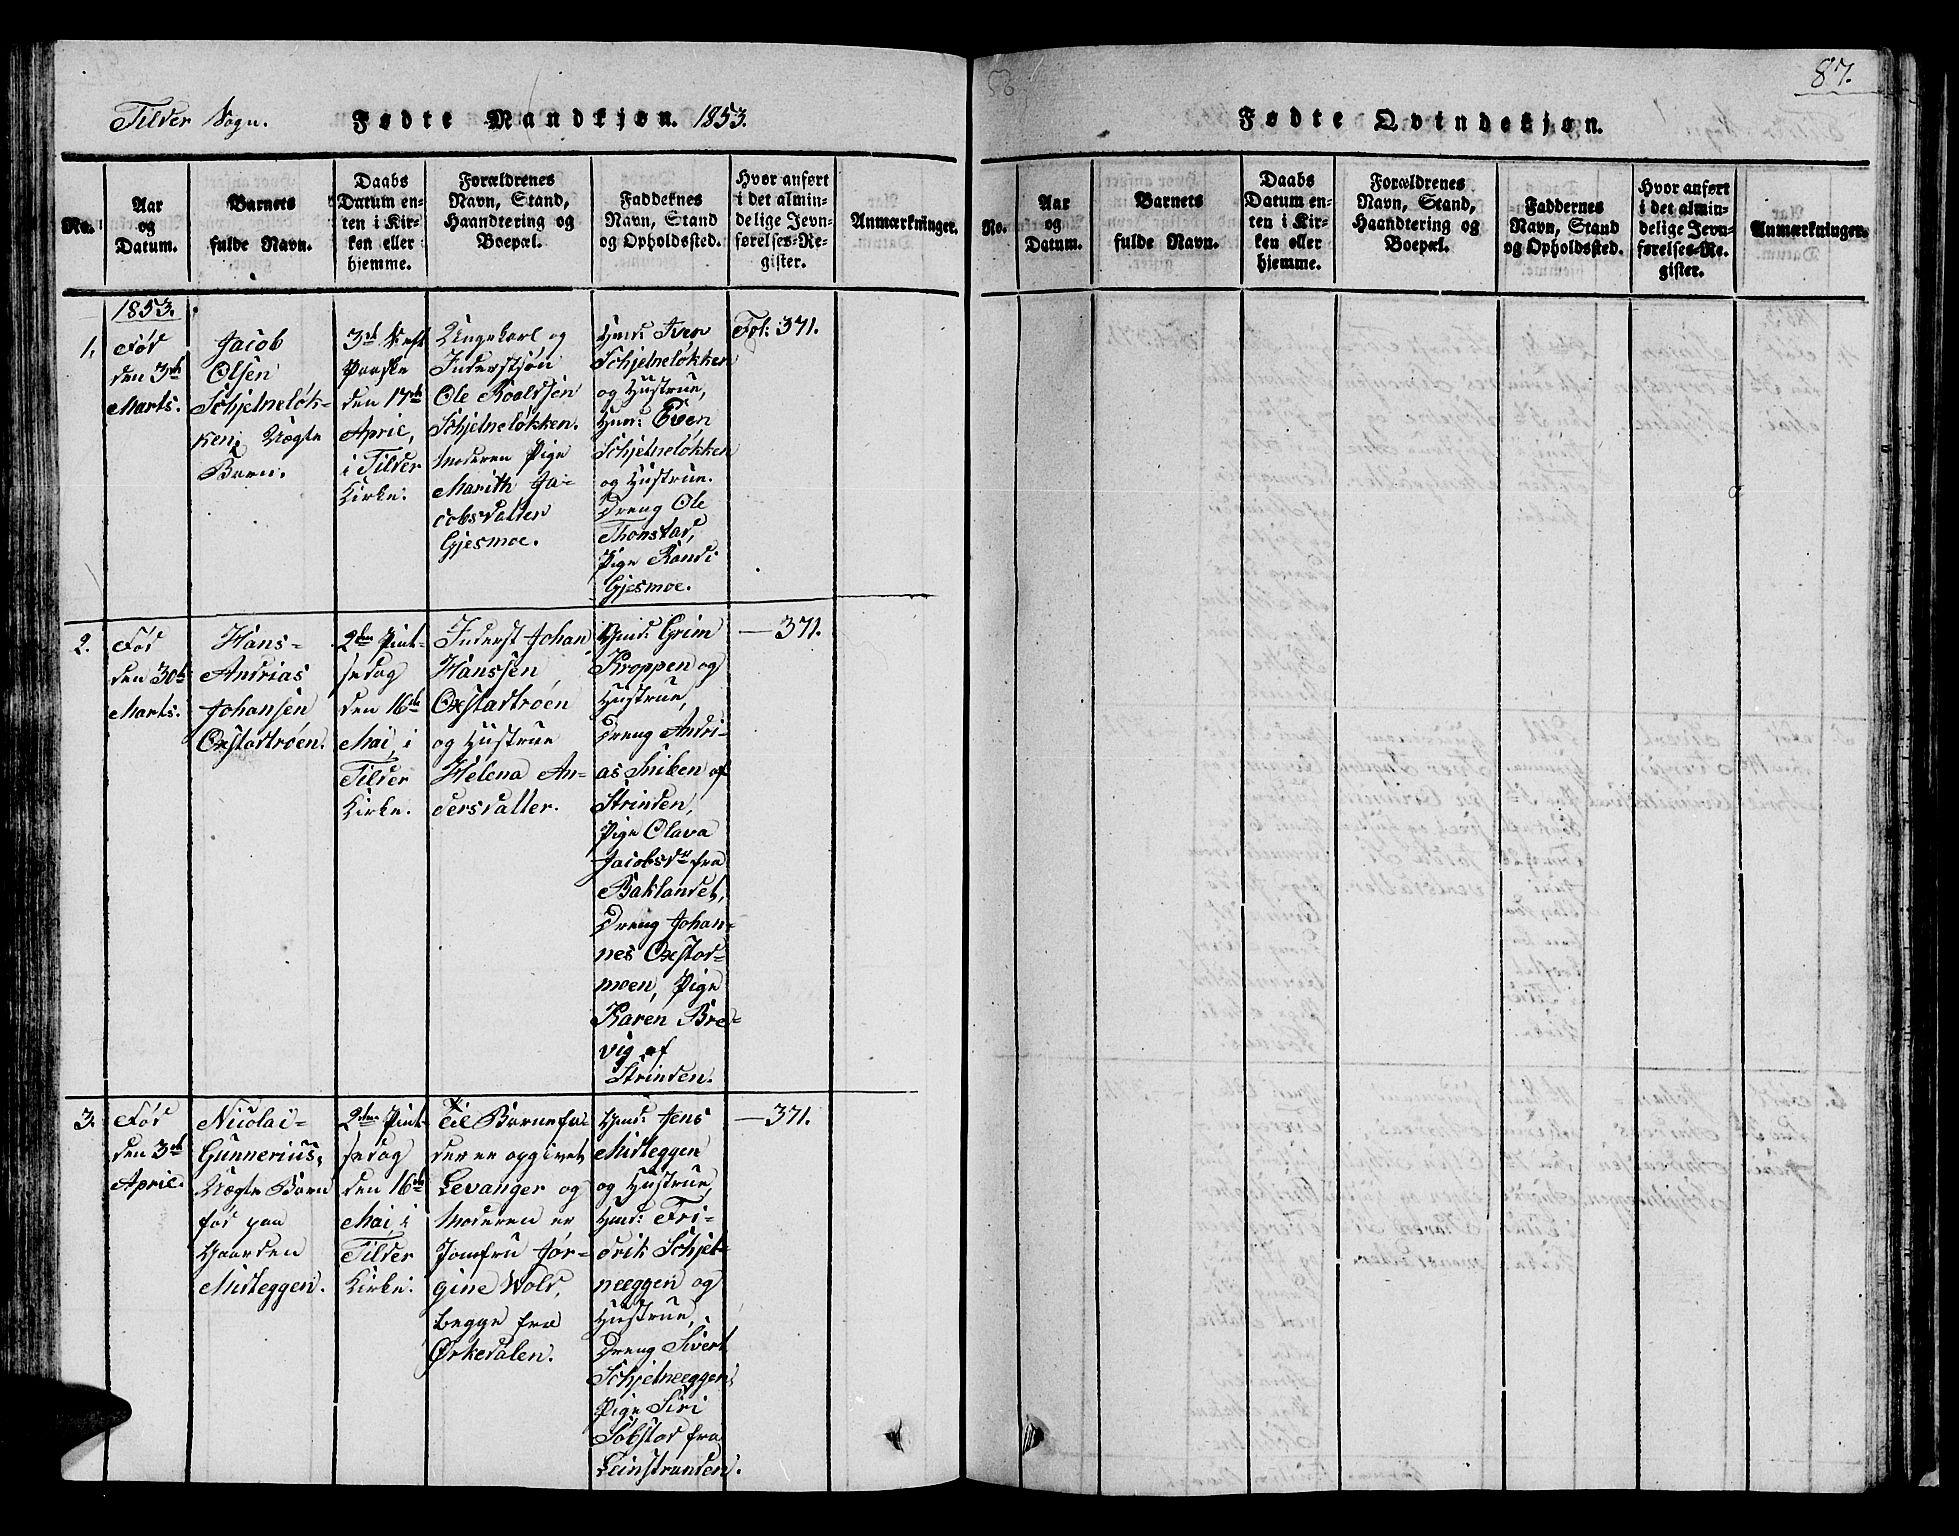 SAT, Ministerialprotokoller, klokkerbøker og fødselsregistre - Sør-Trøndelag, 621/L0458: Klokkerbok nr. 621C01, 1816-1865, s. 87